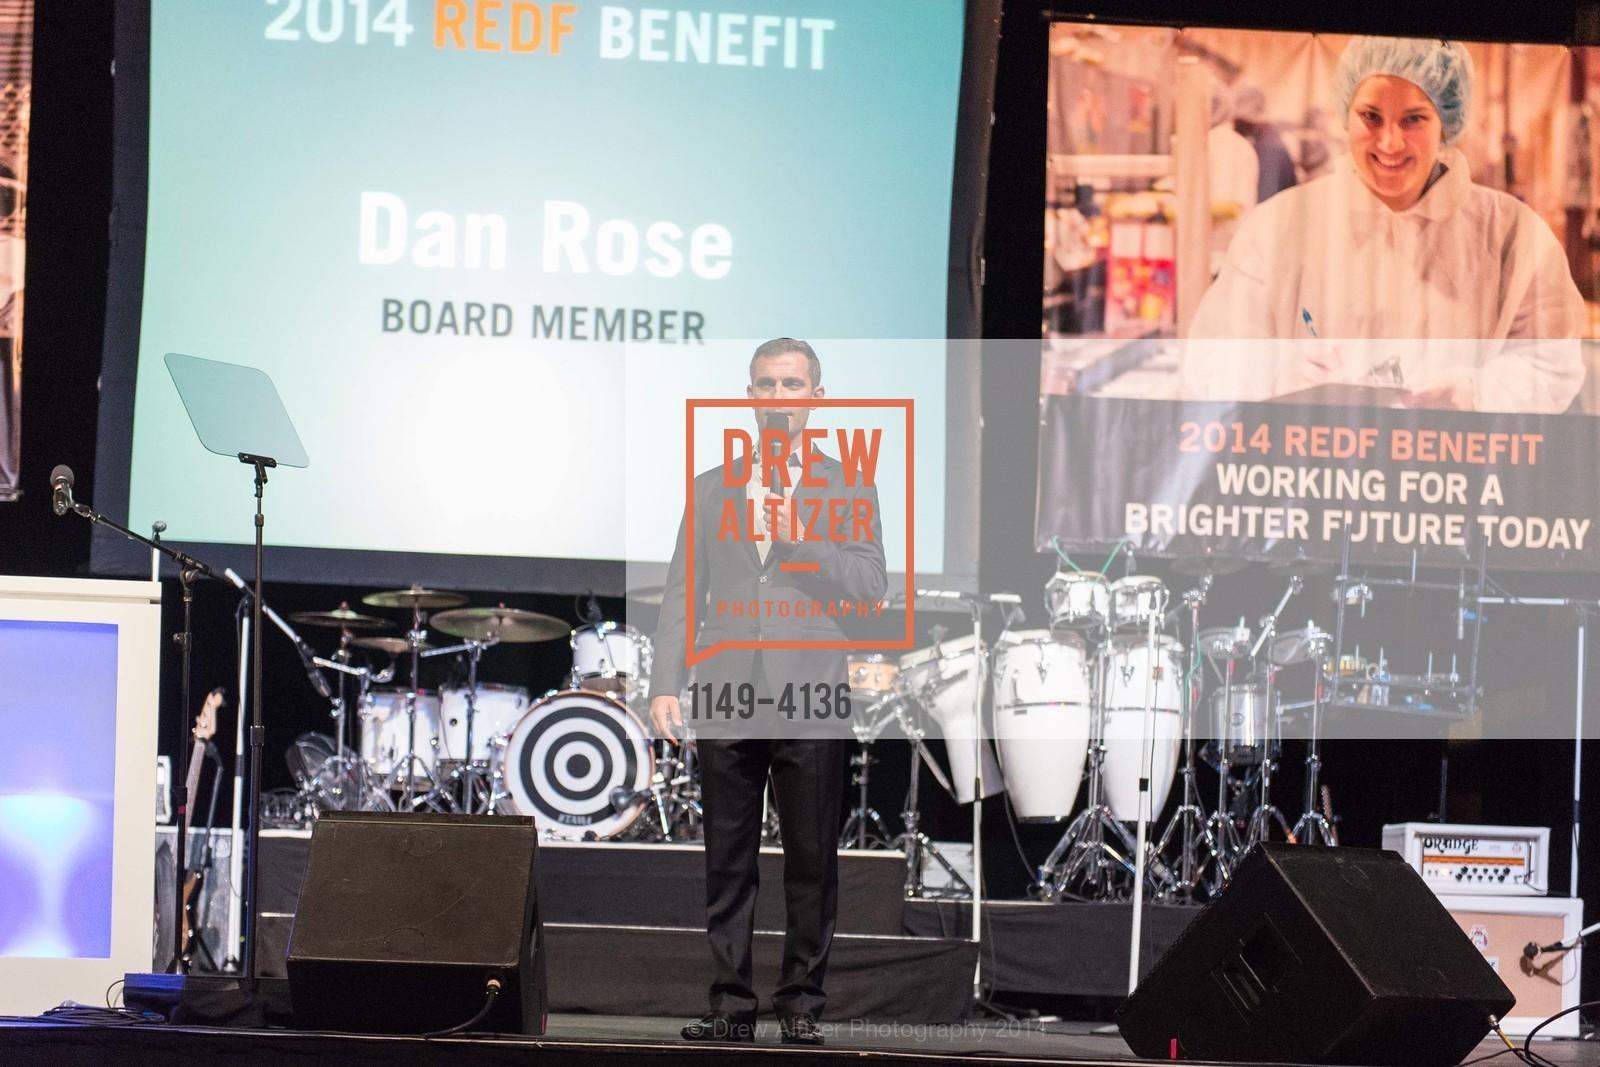 Dan Rose, Photo #1149-4136